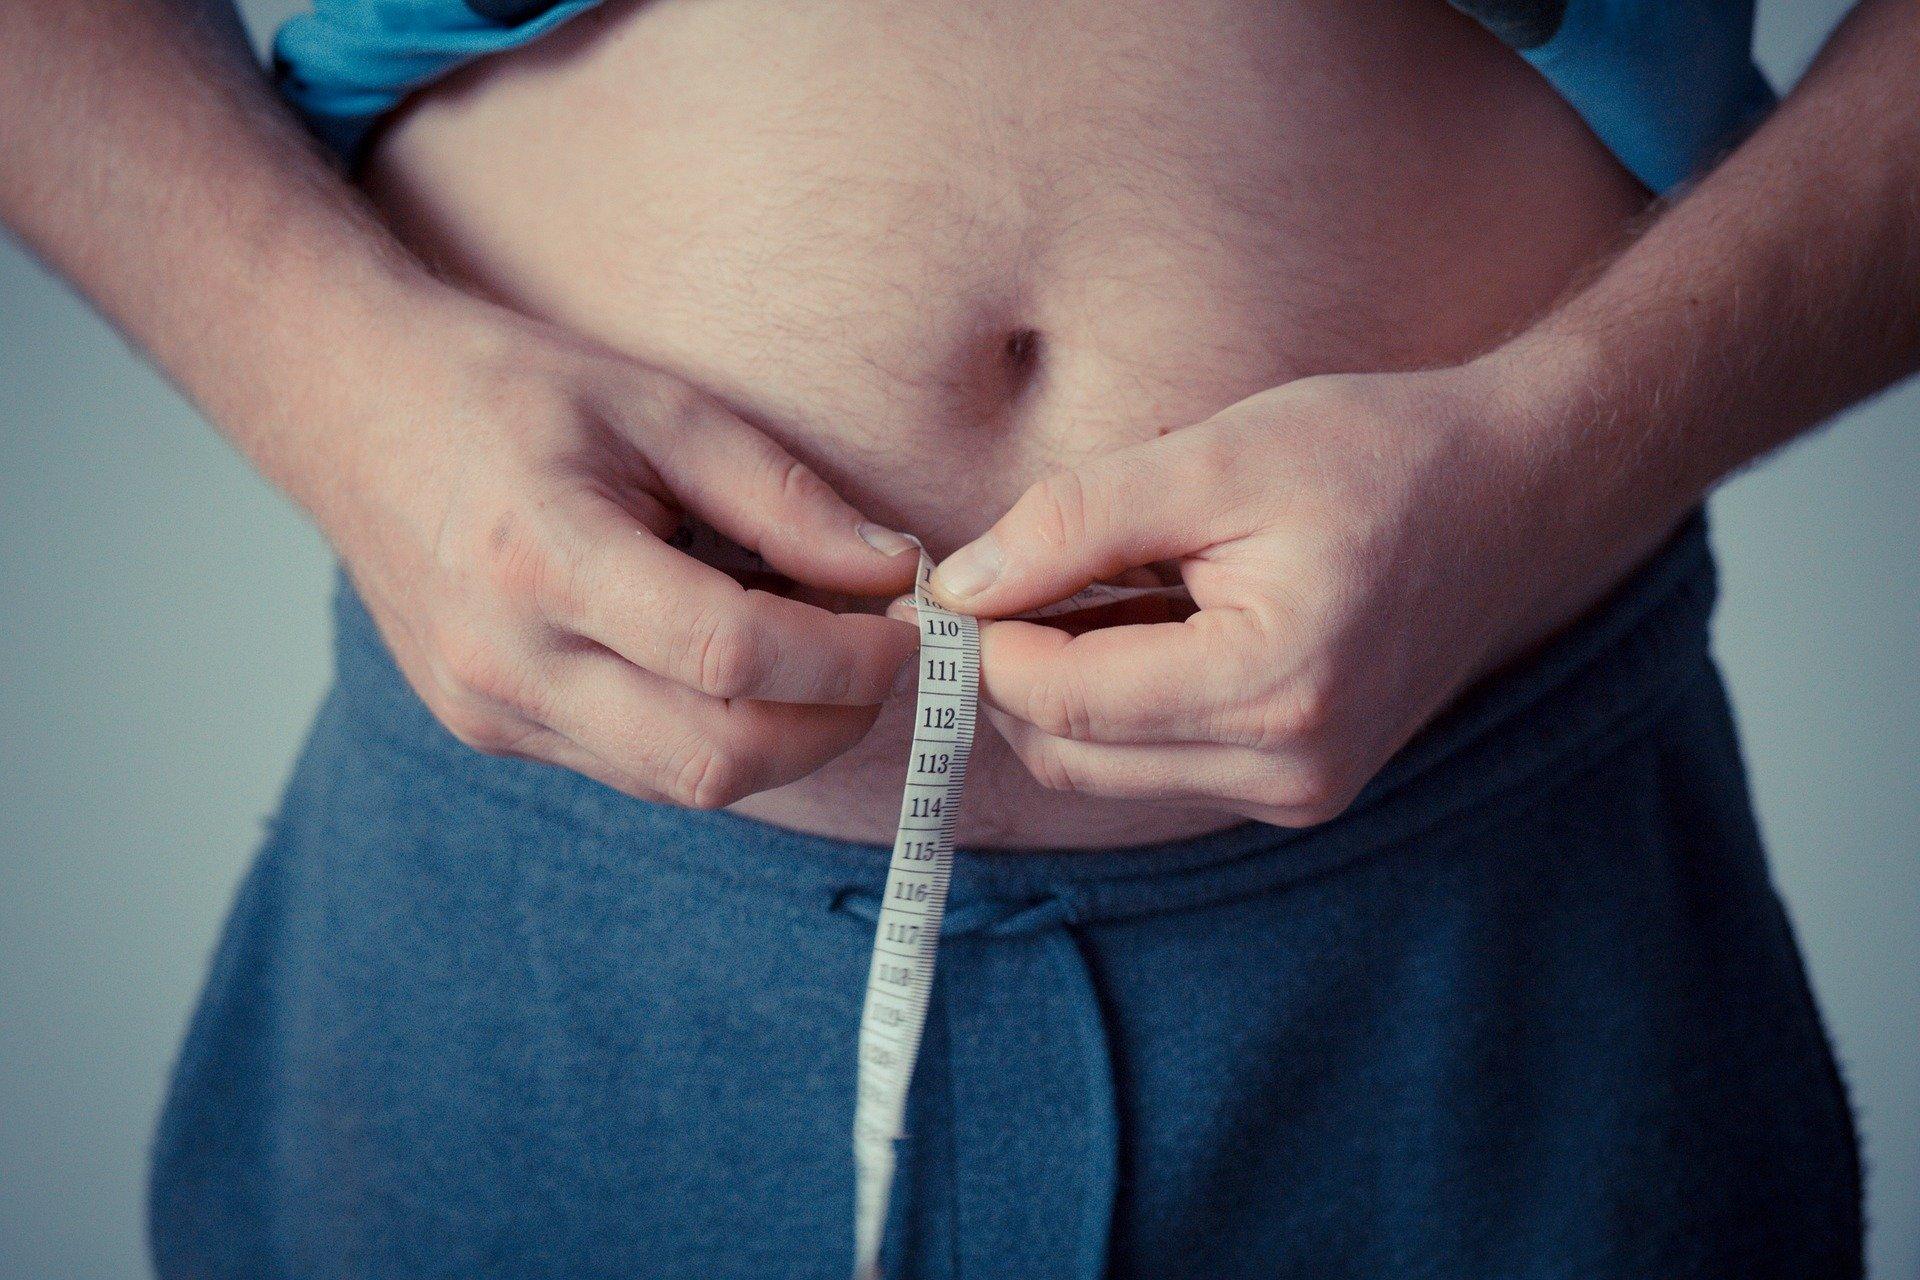 Nutrólogo aponta seis hormônios que podem dificultar o emagrecimento